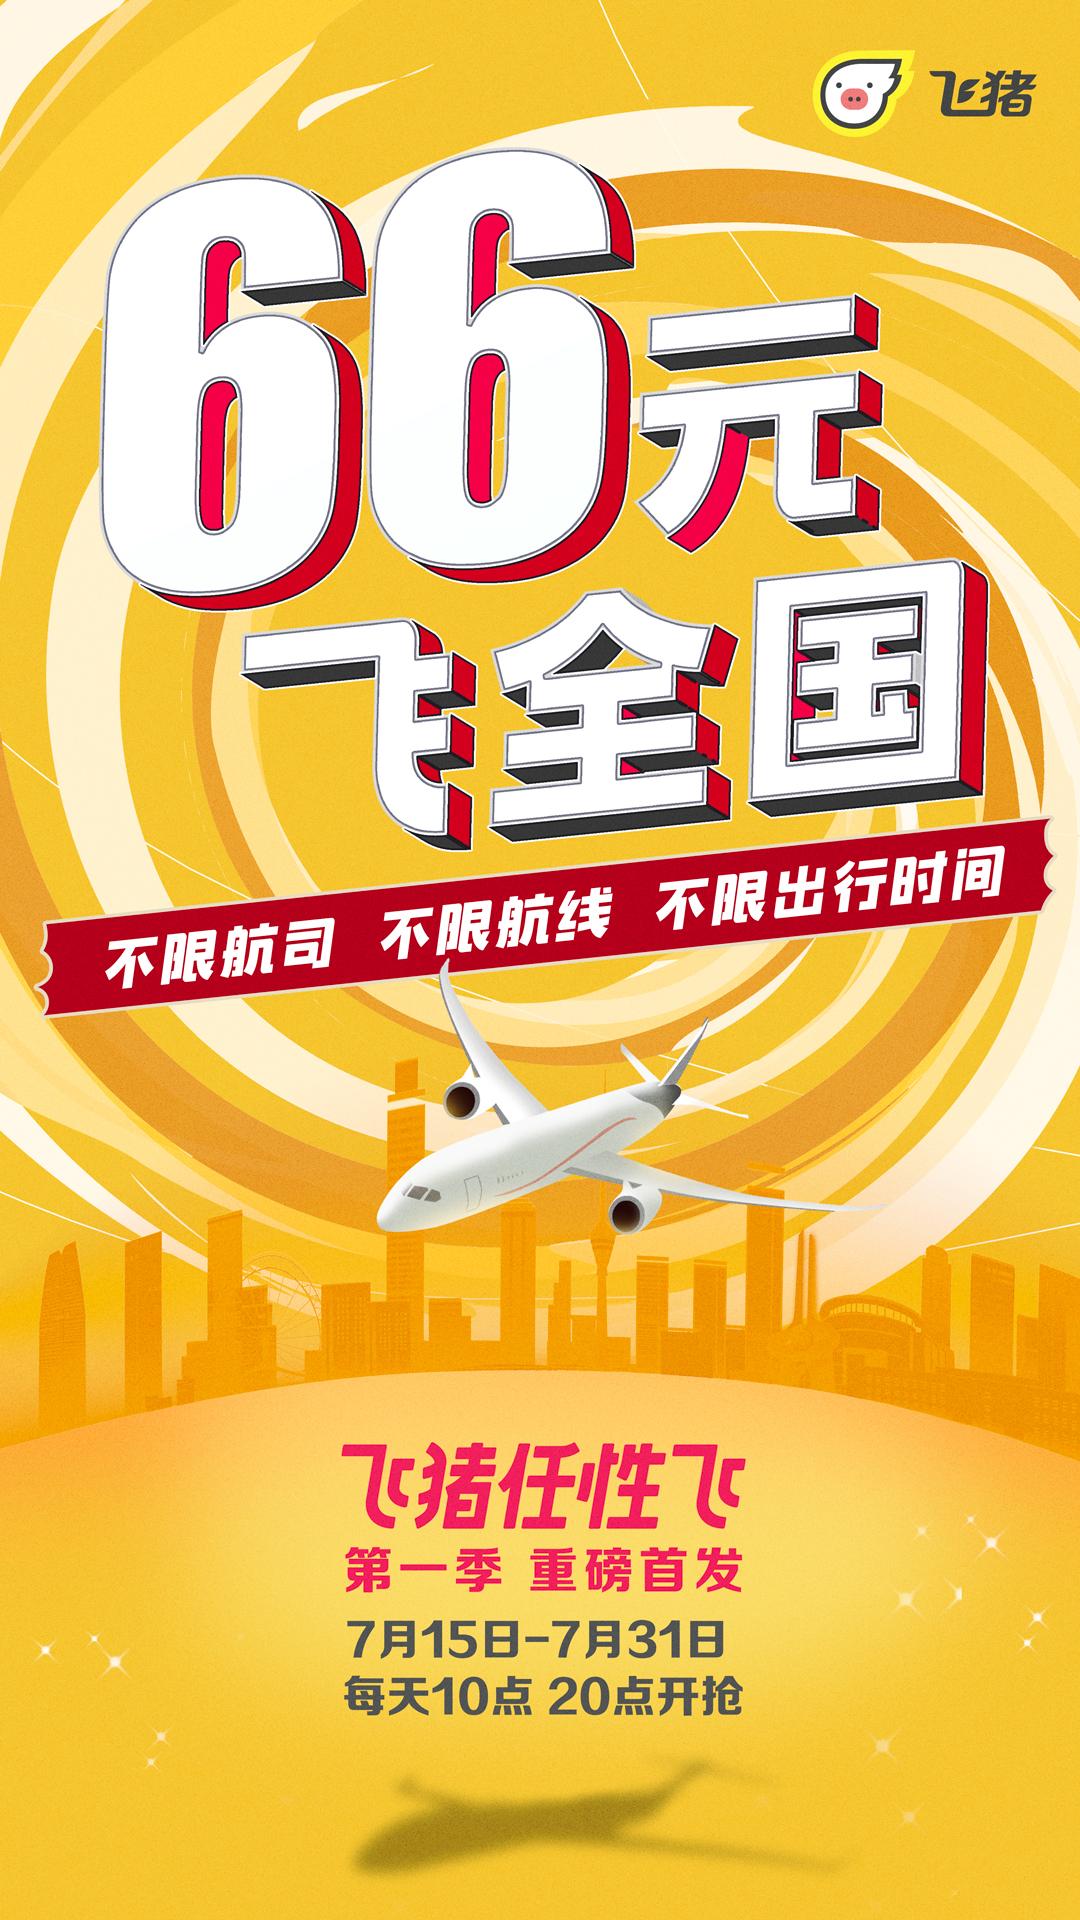 跨省游恢复,飞猪推出66元飞全国,航司航线出行时间全不限